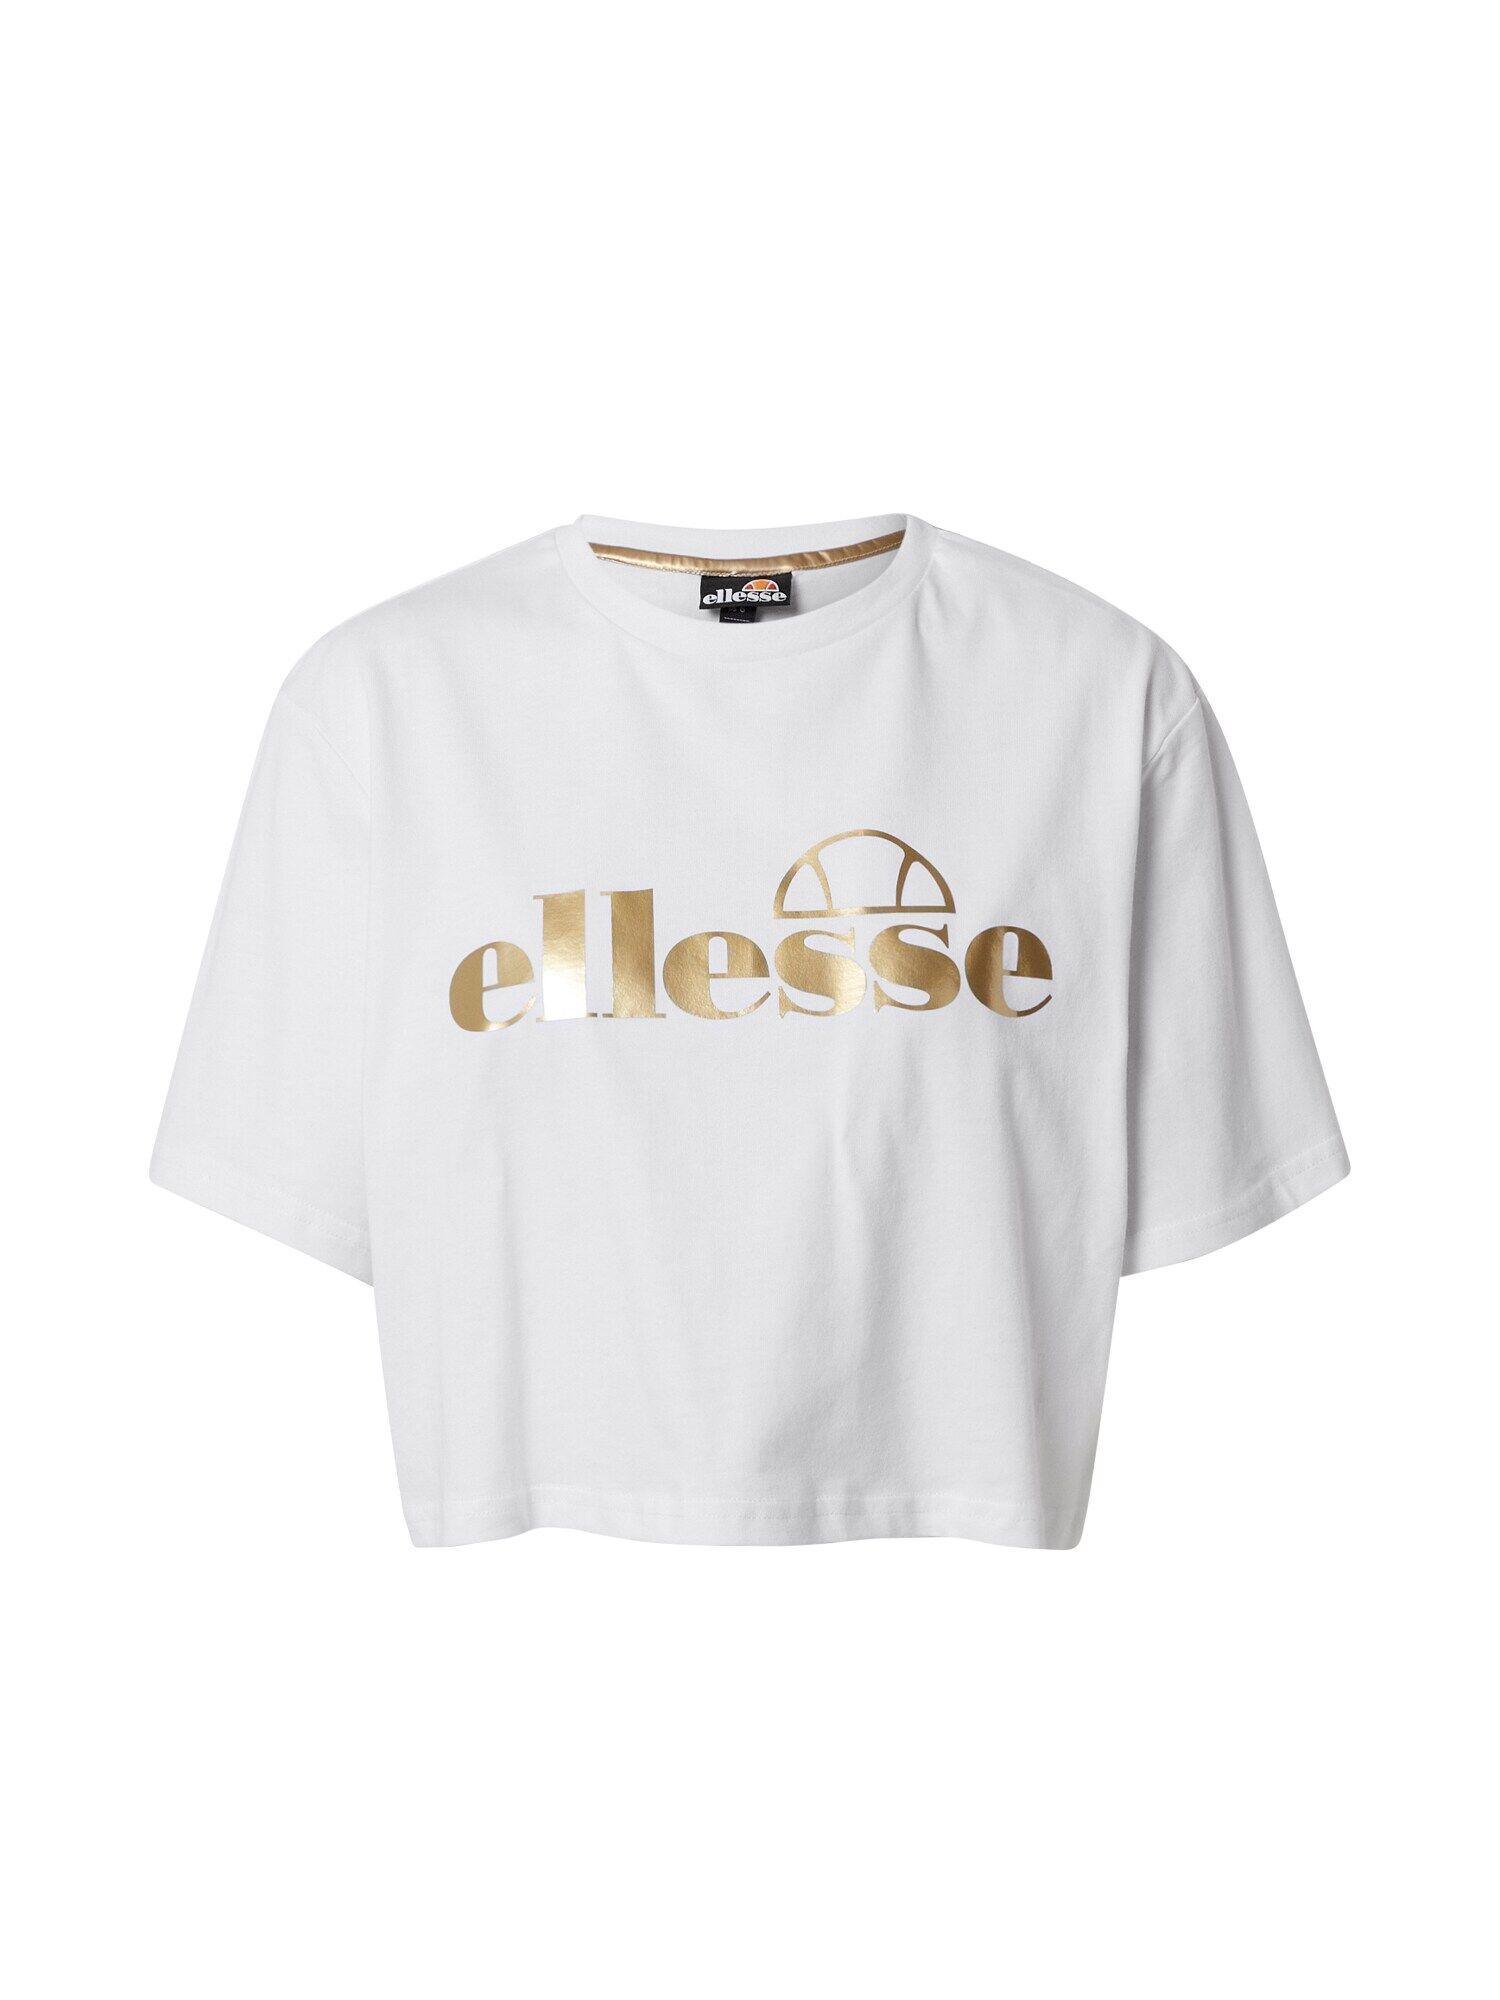 ELLESSE Maglietta 'Presepe' Bianco